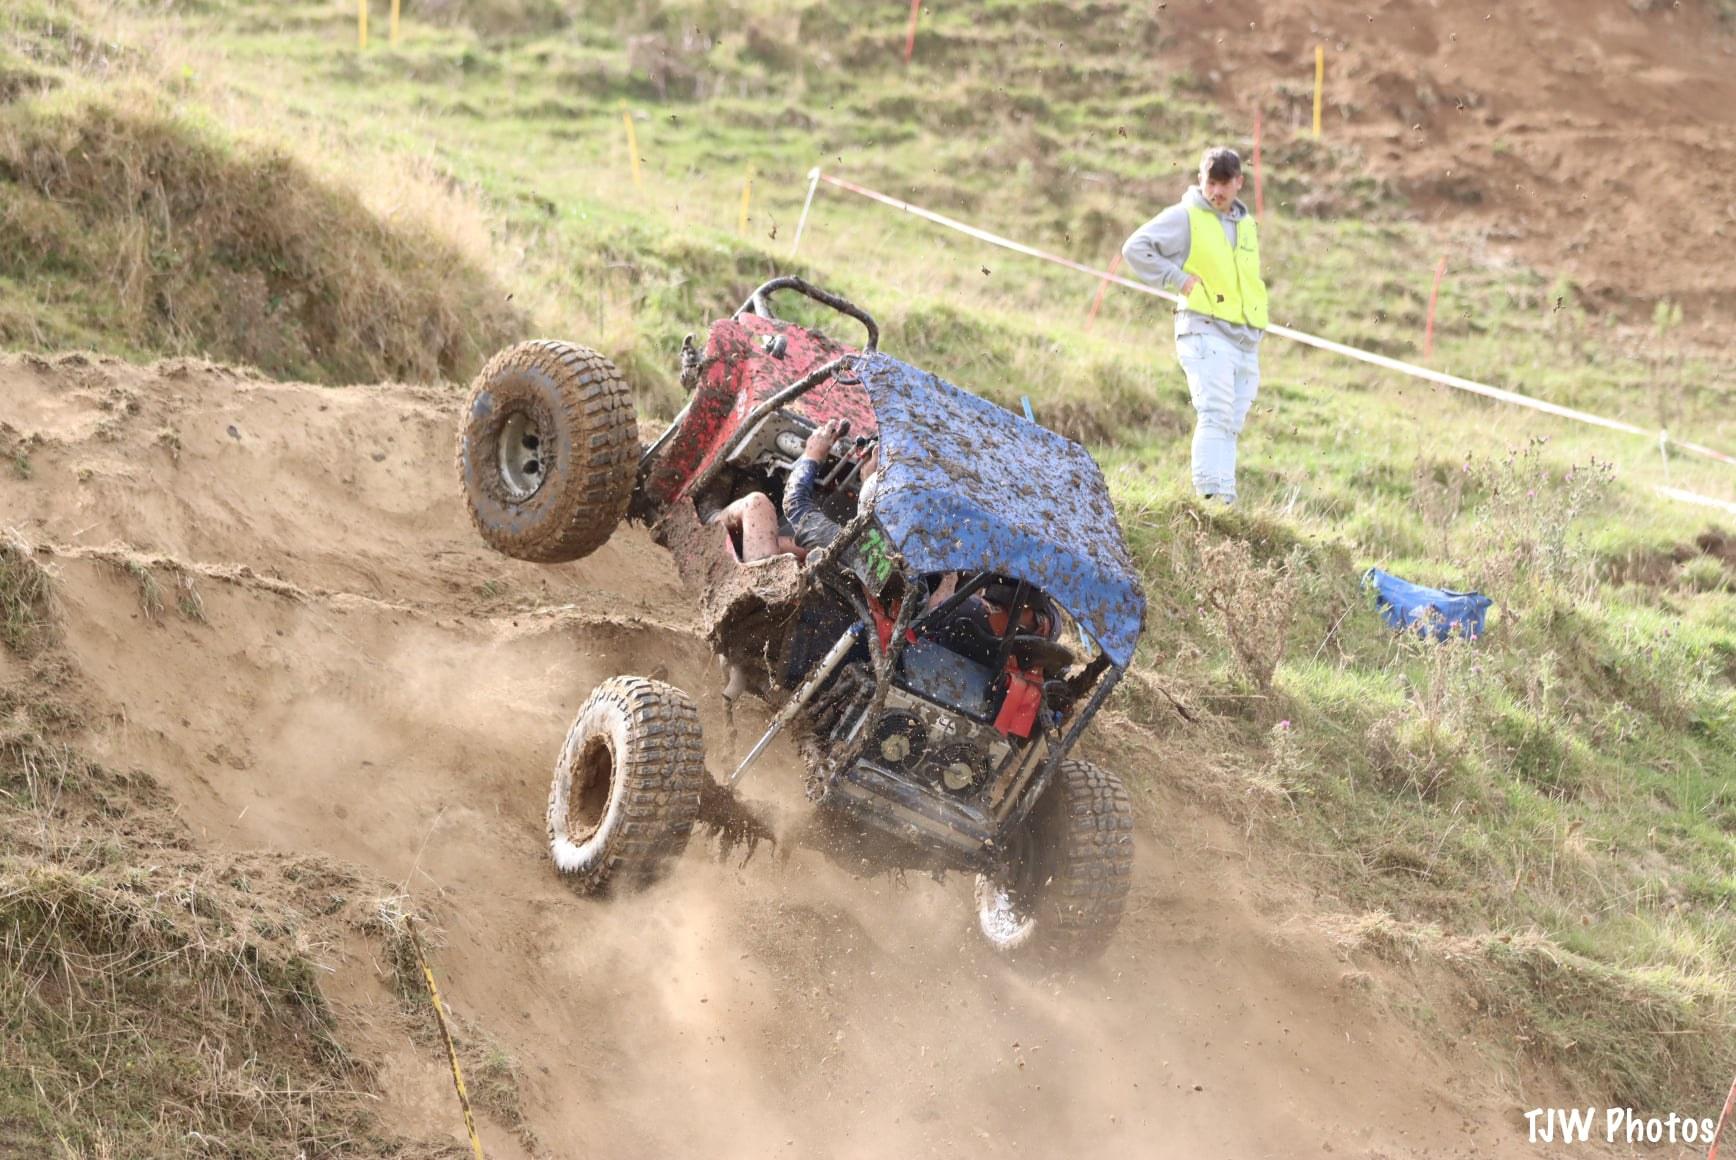 Dean Russell & David van der Shantz catching air